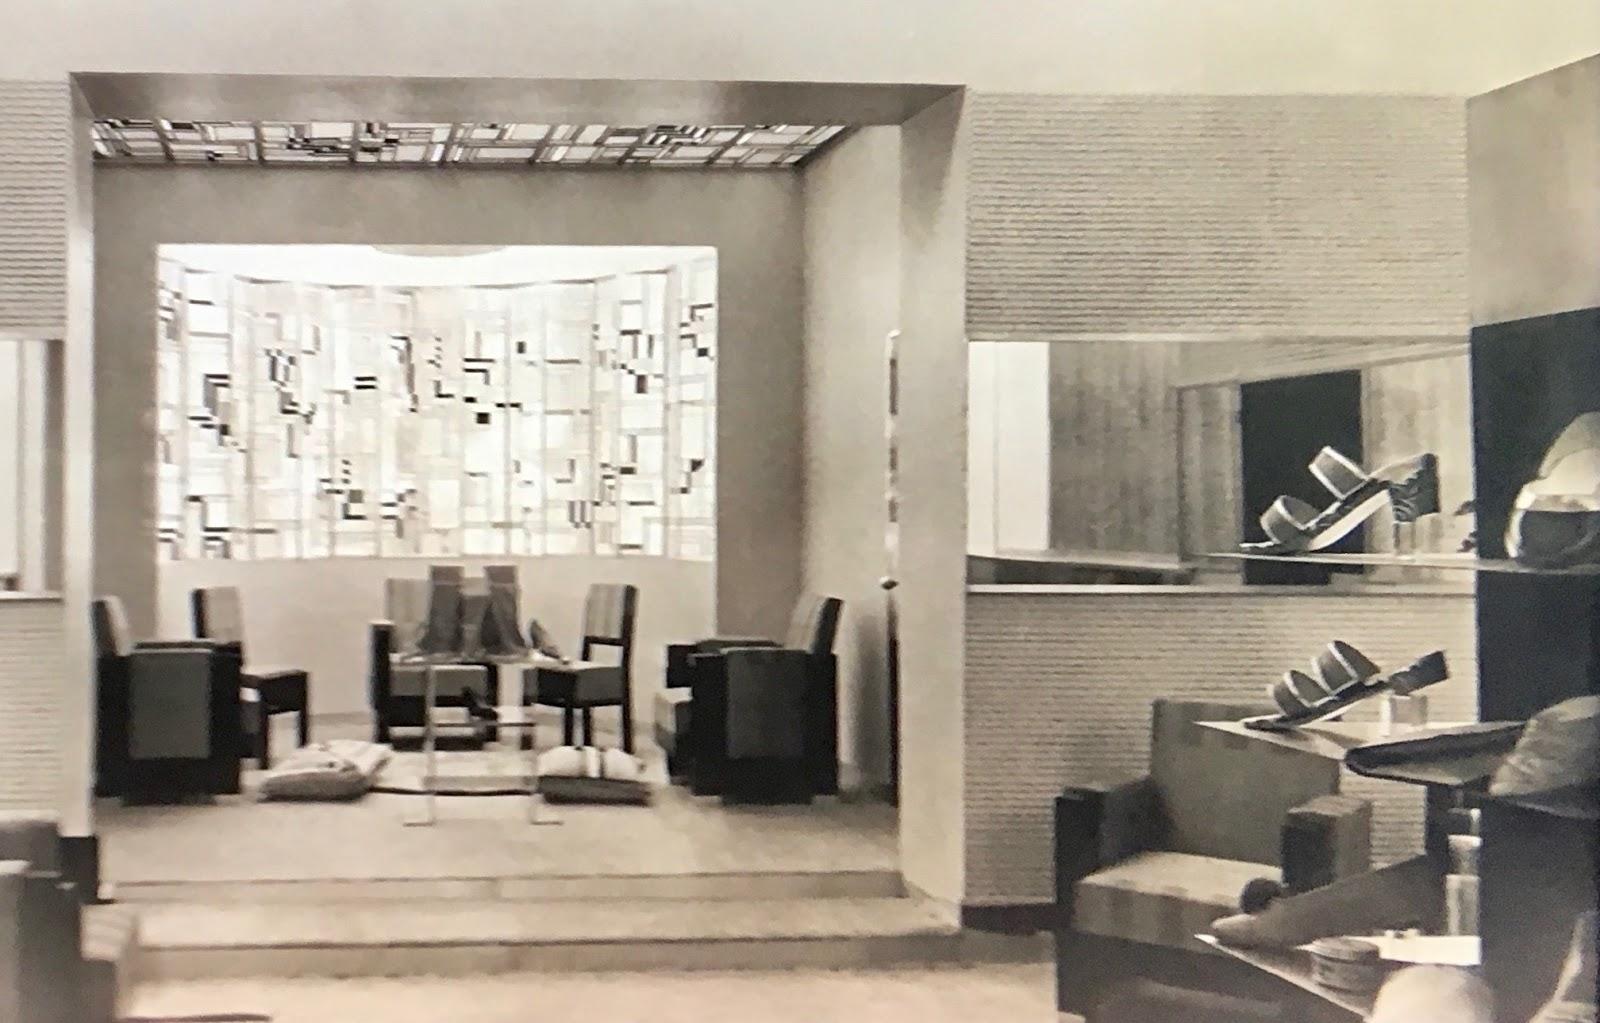 fe0d82a295b352 Le magasin de chaussures Bally, à l'angle du boulevard des Capucines et de  la rue Daunou à Paris de l'architecte Robert Mallet Stevens a été reproduit  dans ...